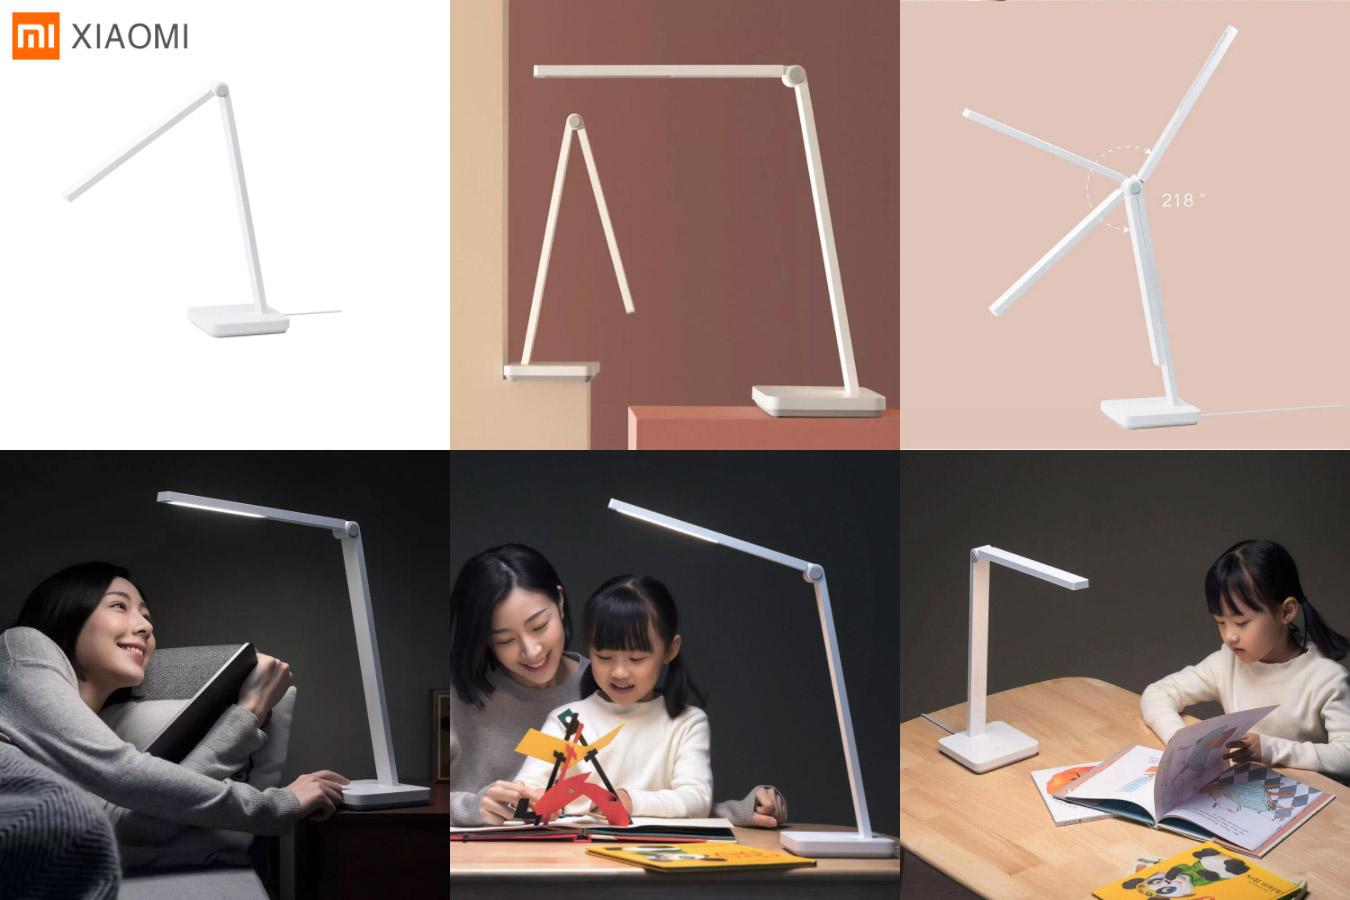 Настольная лампа lite LED